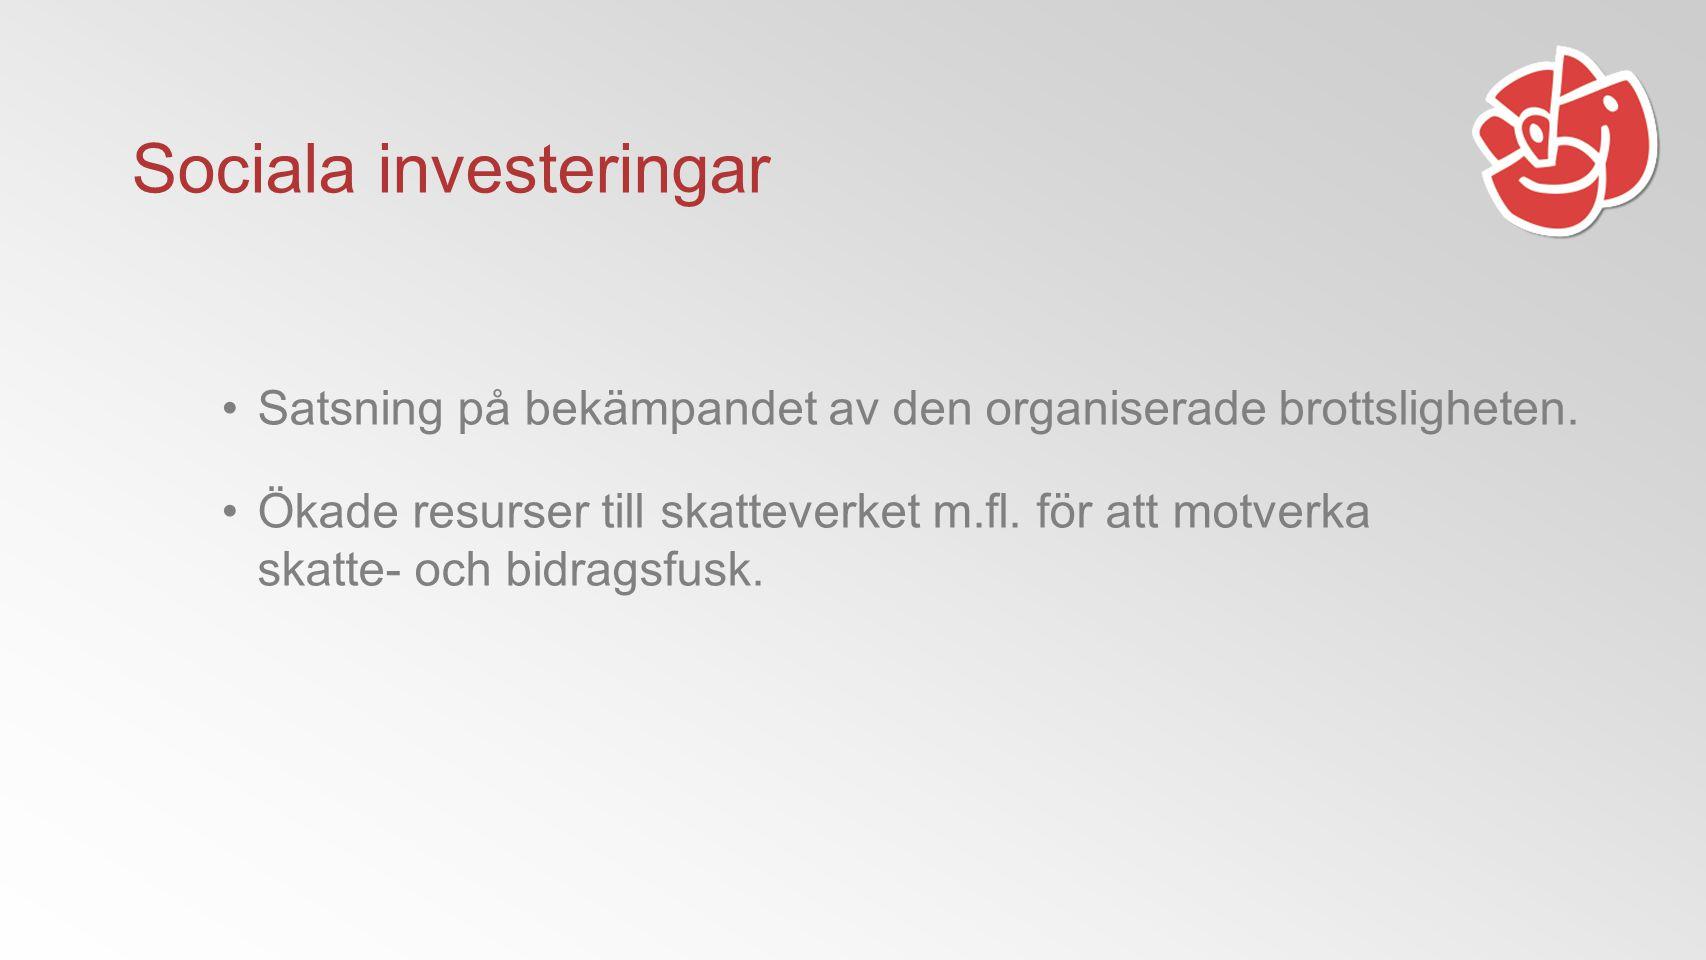 Sociala investeringar Satsning på bekämpandet av den organiserade brottsligheten.